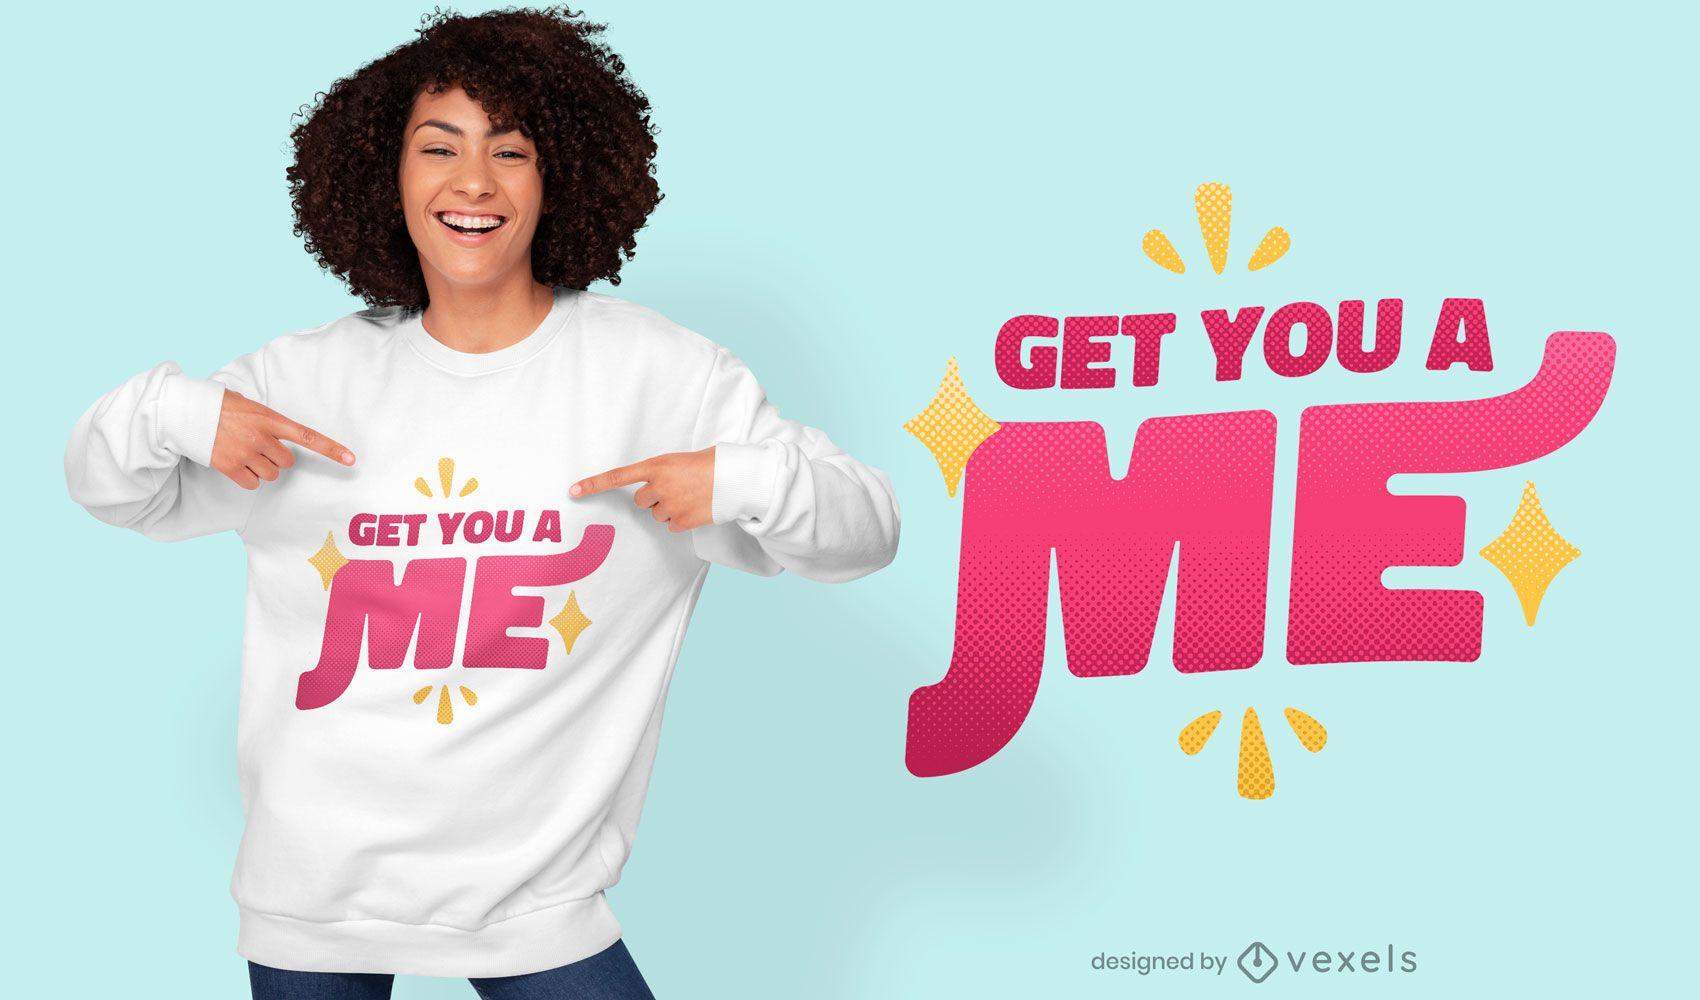 Get you a me t-shirt design